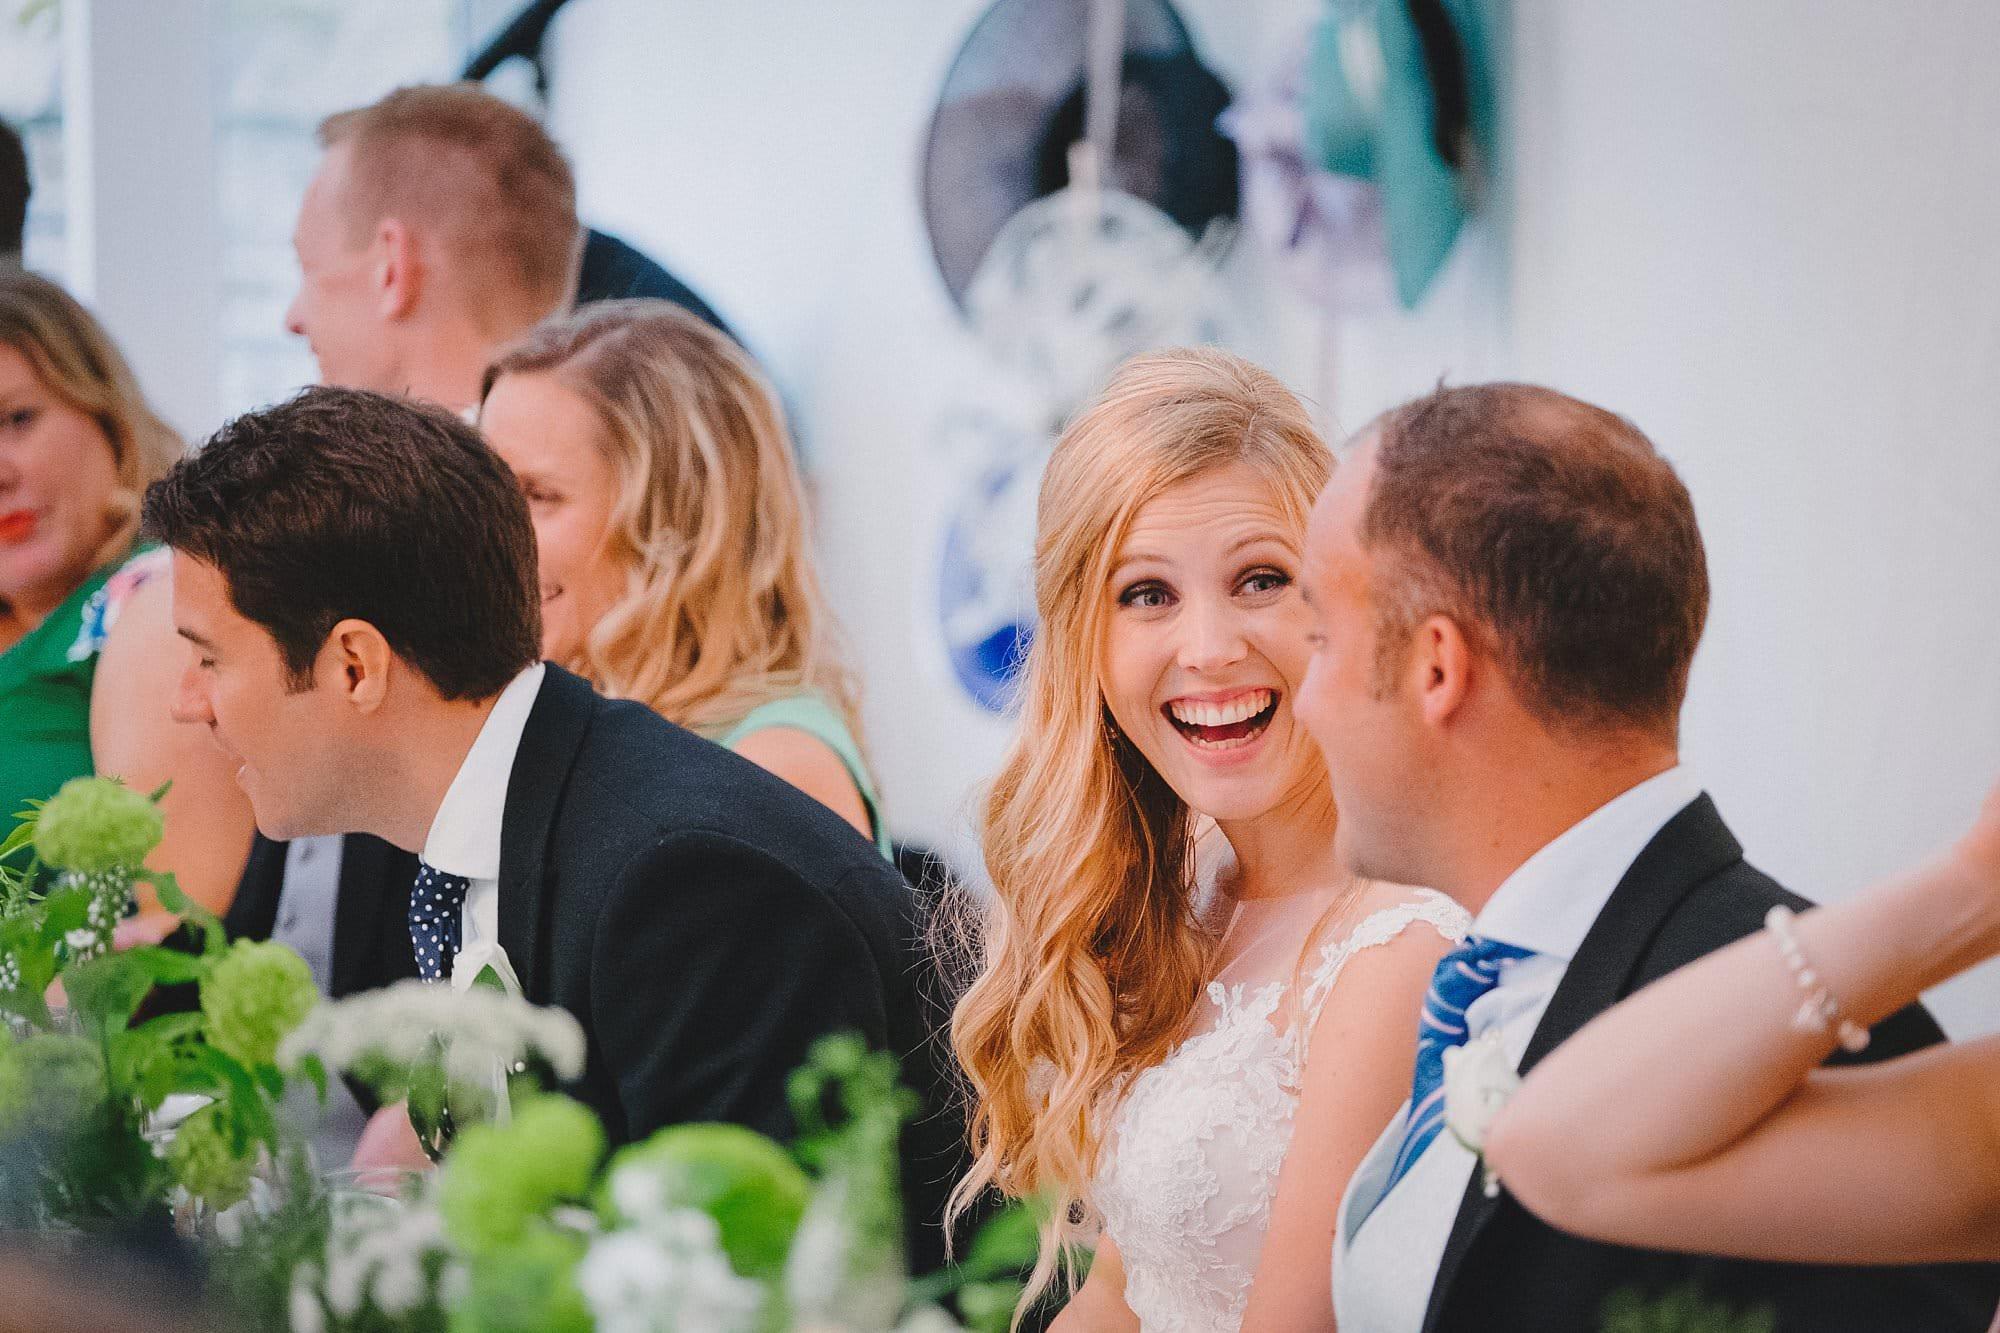 fulham palace wedding photographer 068 - Rosanna & Duncan's Fulham Palace Wedding